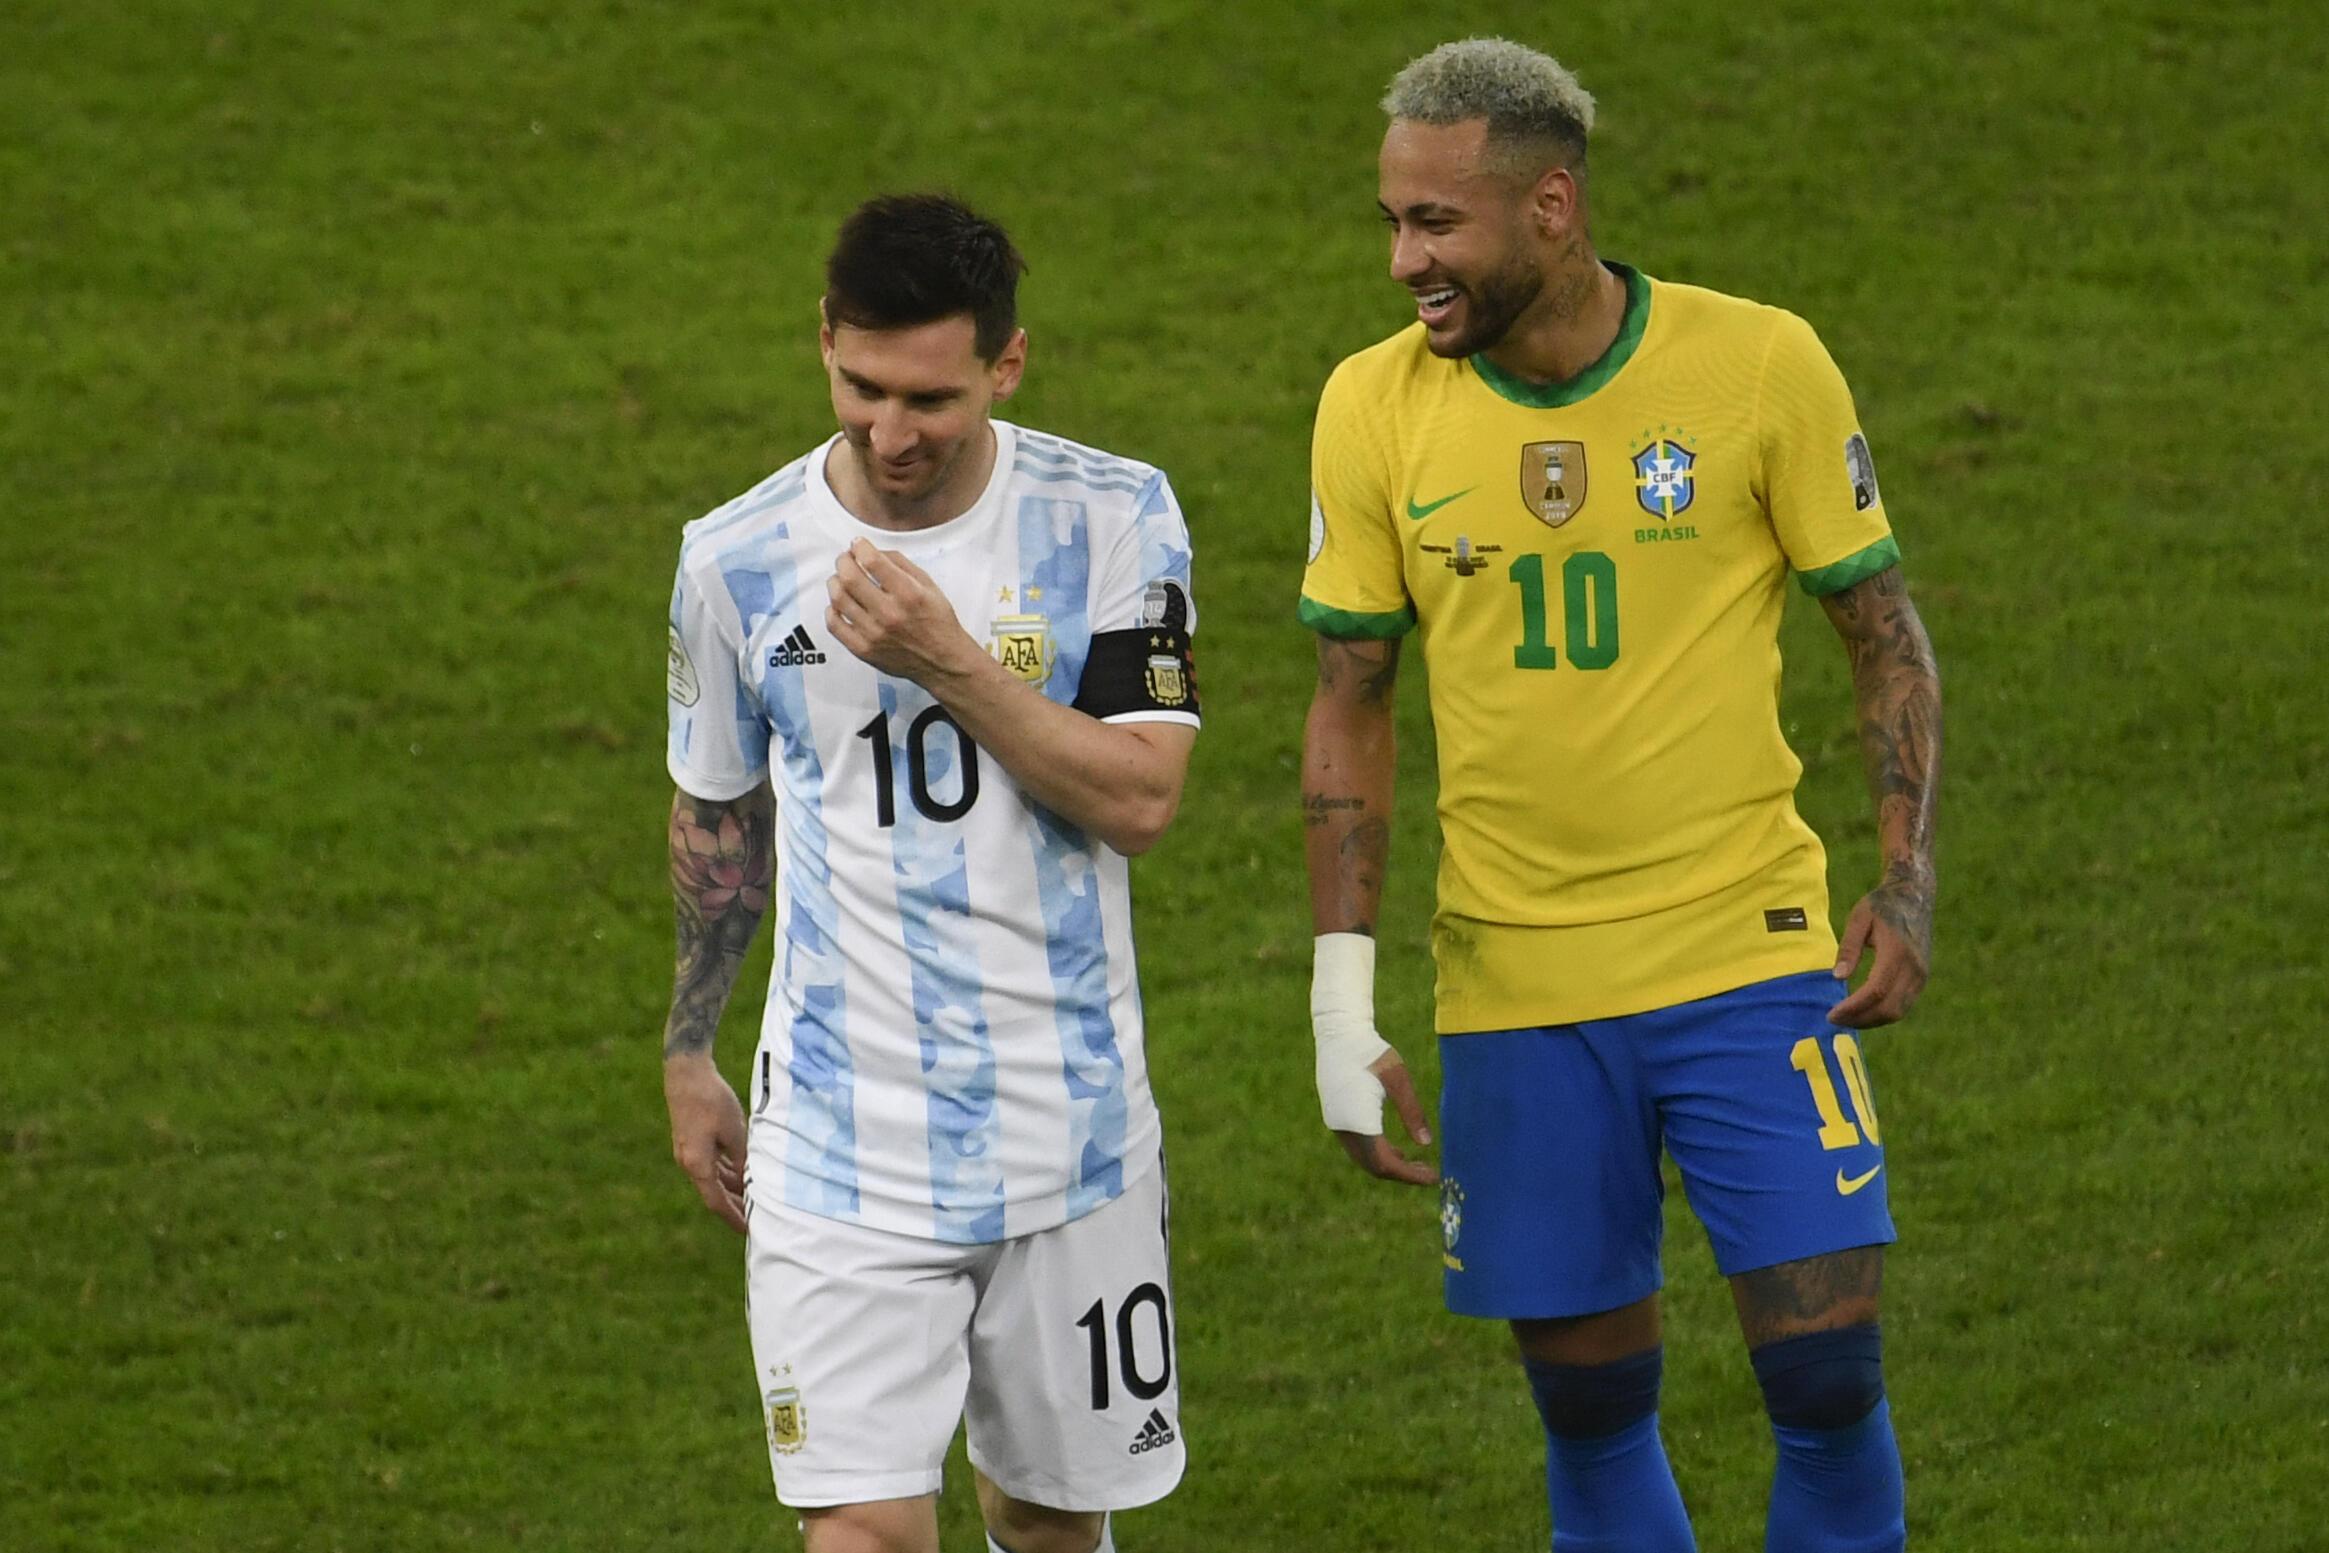 (FILES)Nuevo duelo Messi-Neymar por el premundial sudamericano rumbo a Catar-2022. En esta foto de archivo, ambos futbolistas en la final de la Copa América en Rio de Janeiro, el 10 de julio de 2021.